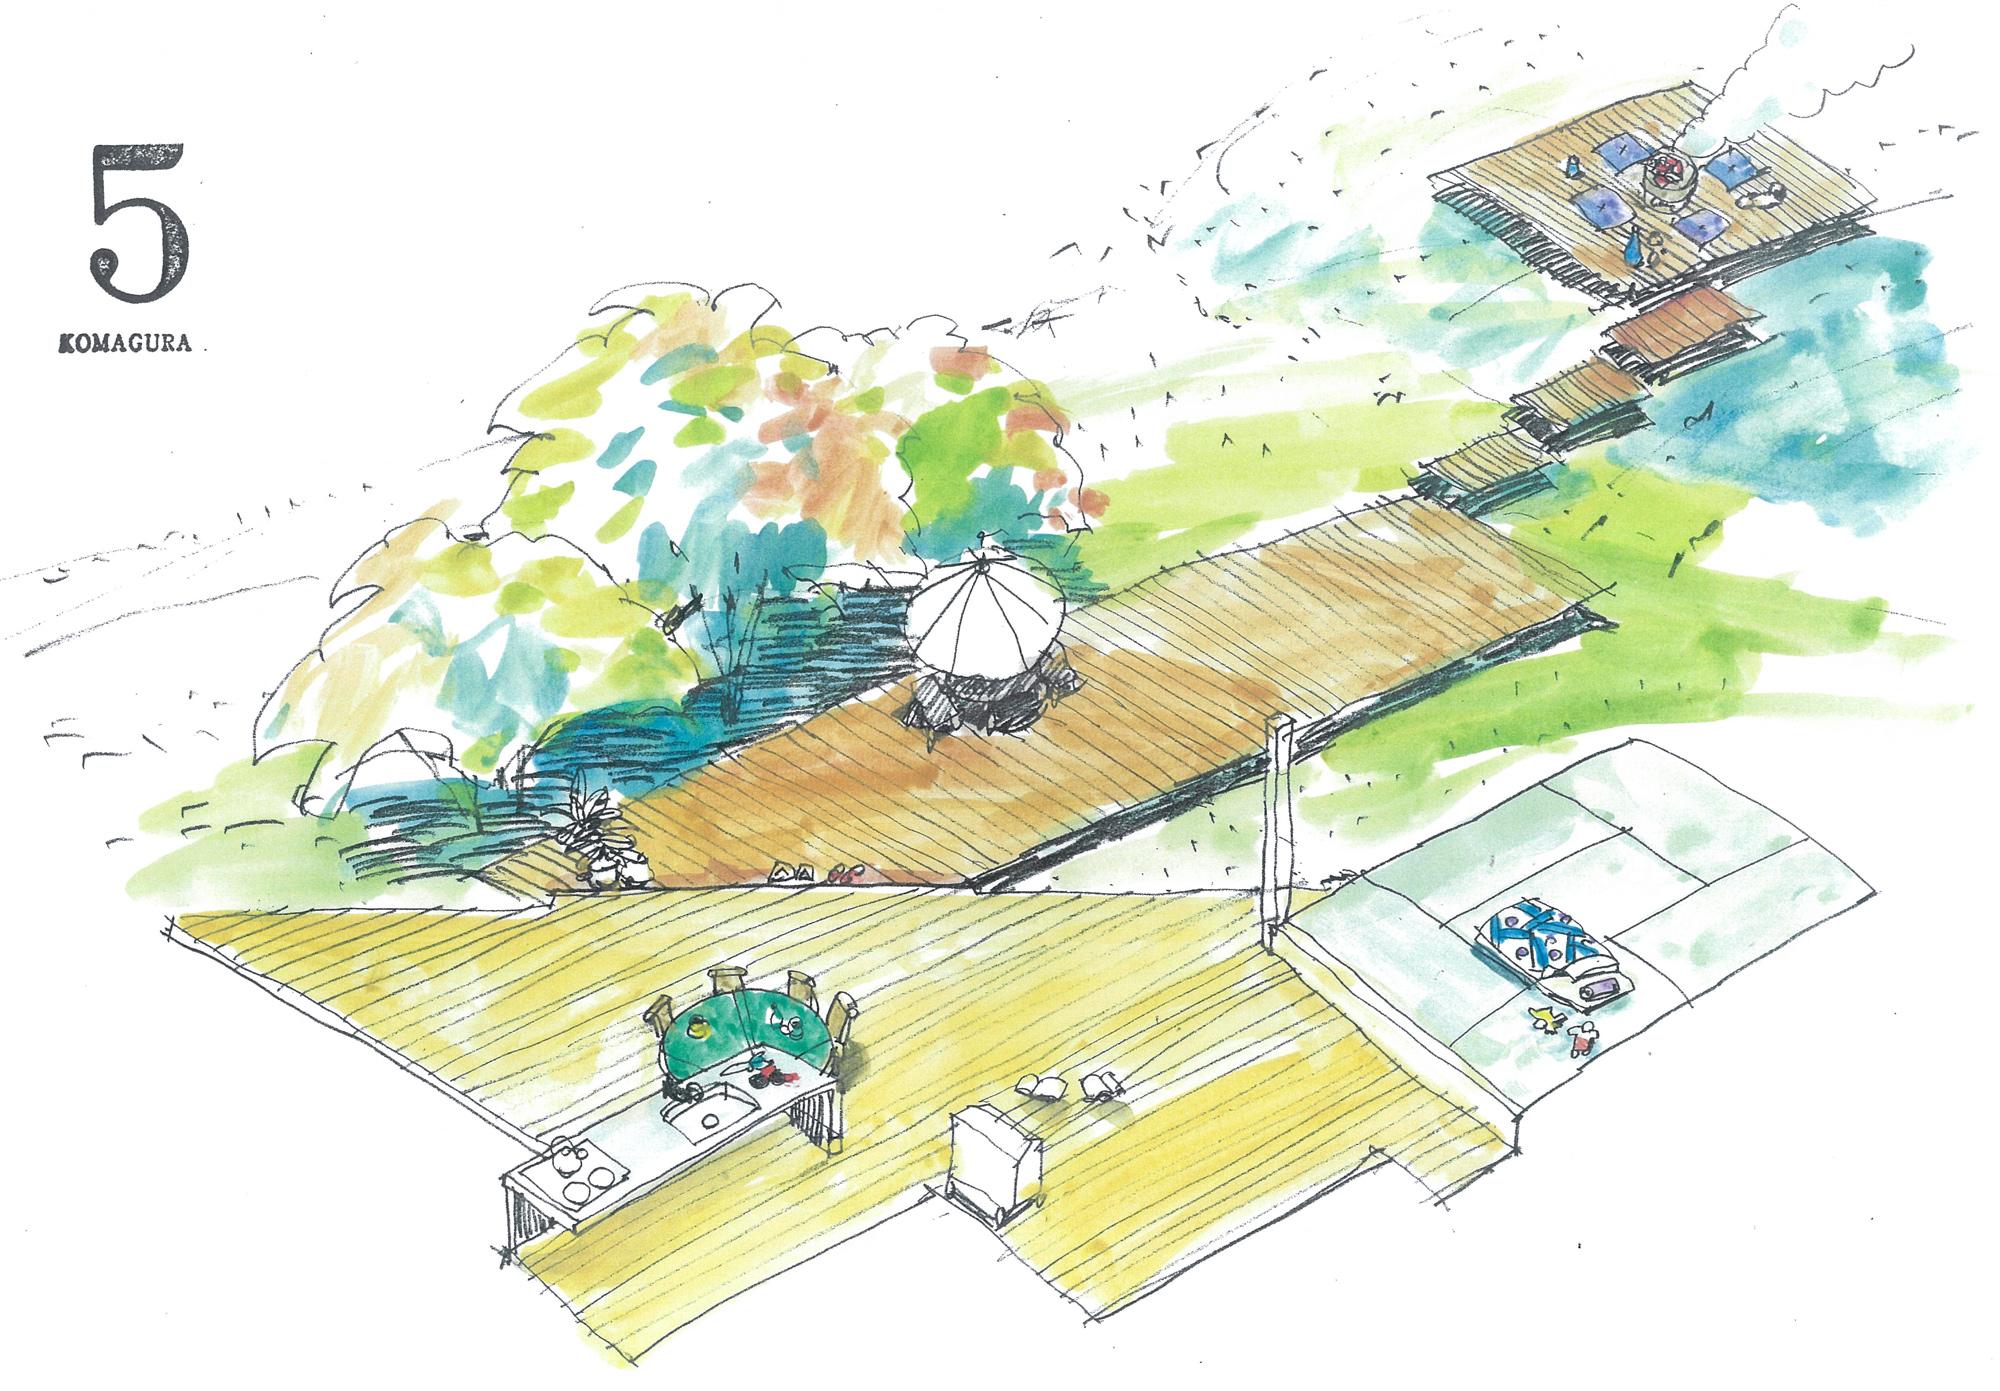 デッキテラス 庭が広い